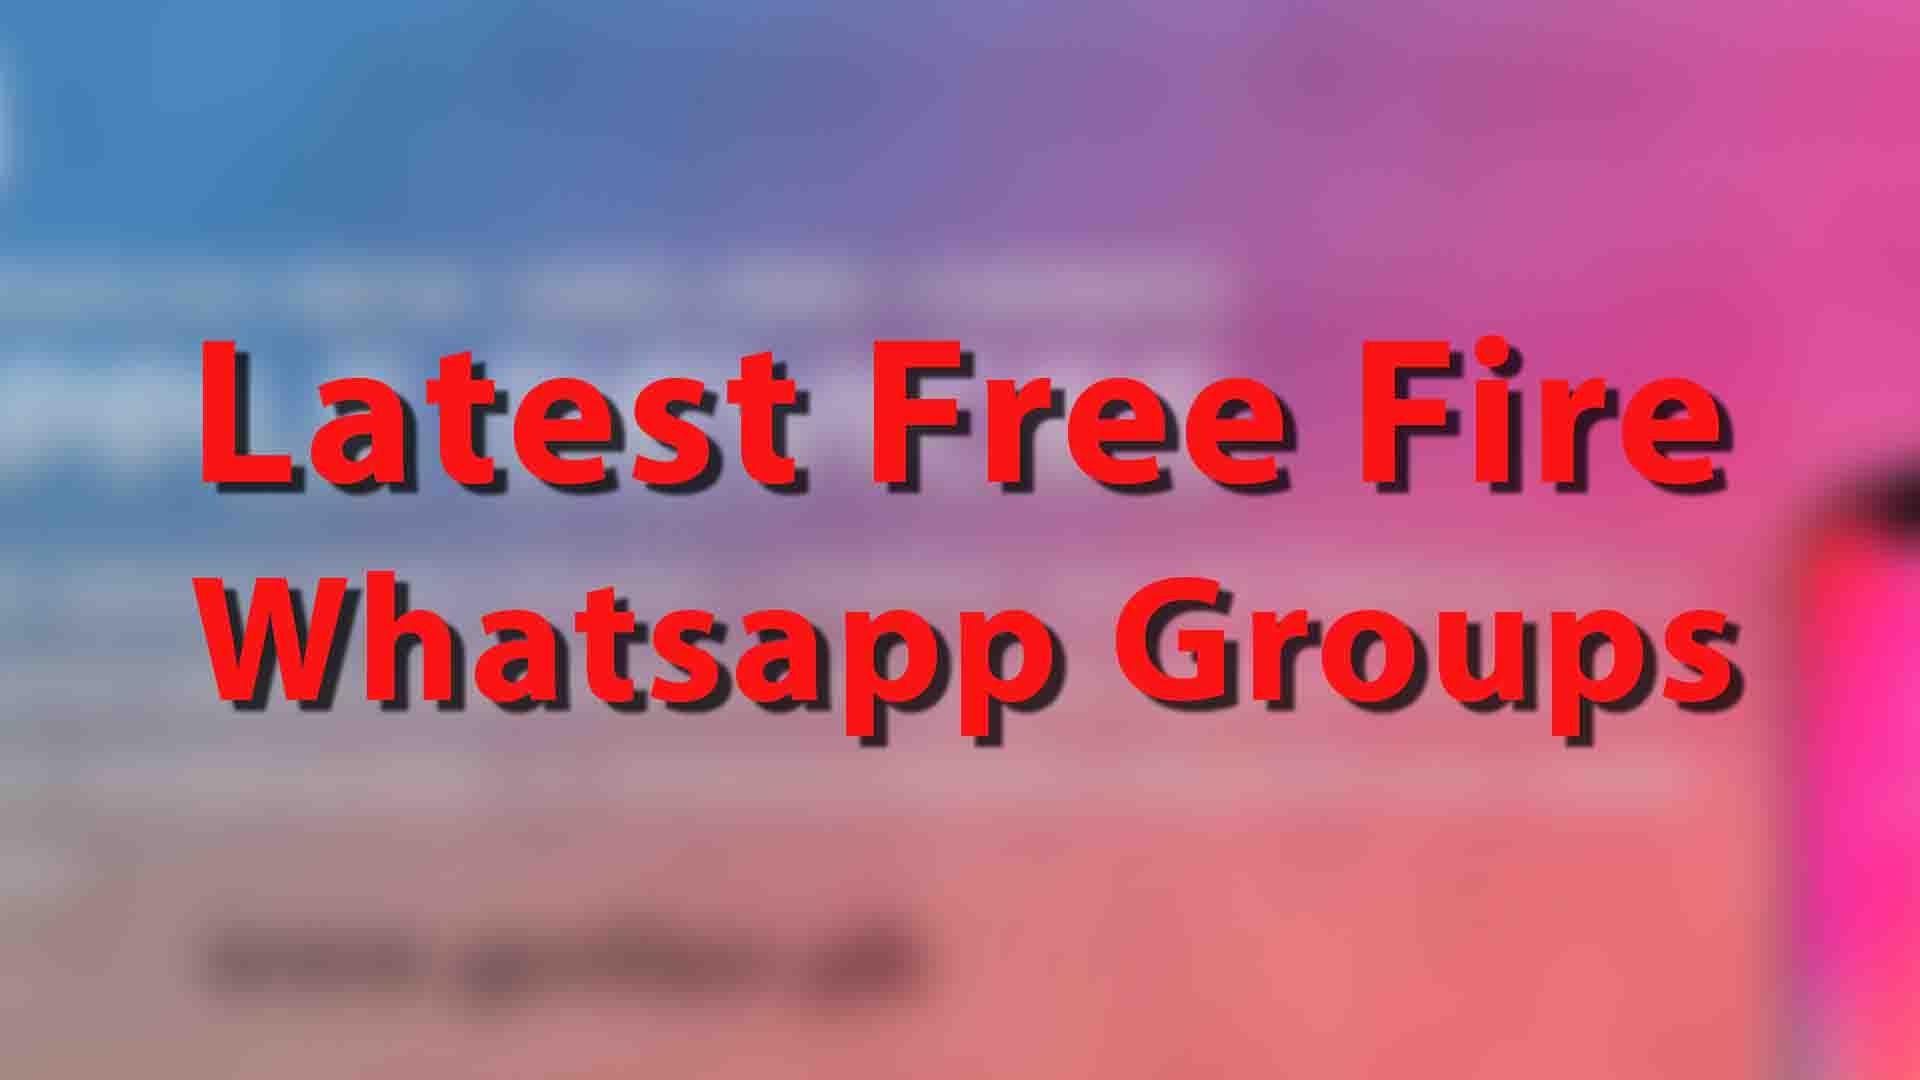 Up dating best 2021 ☝️ whatsapp groups Nigeria Girl